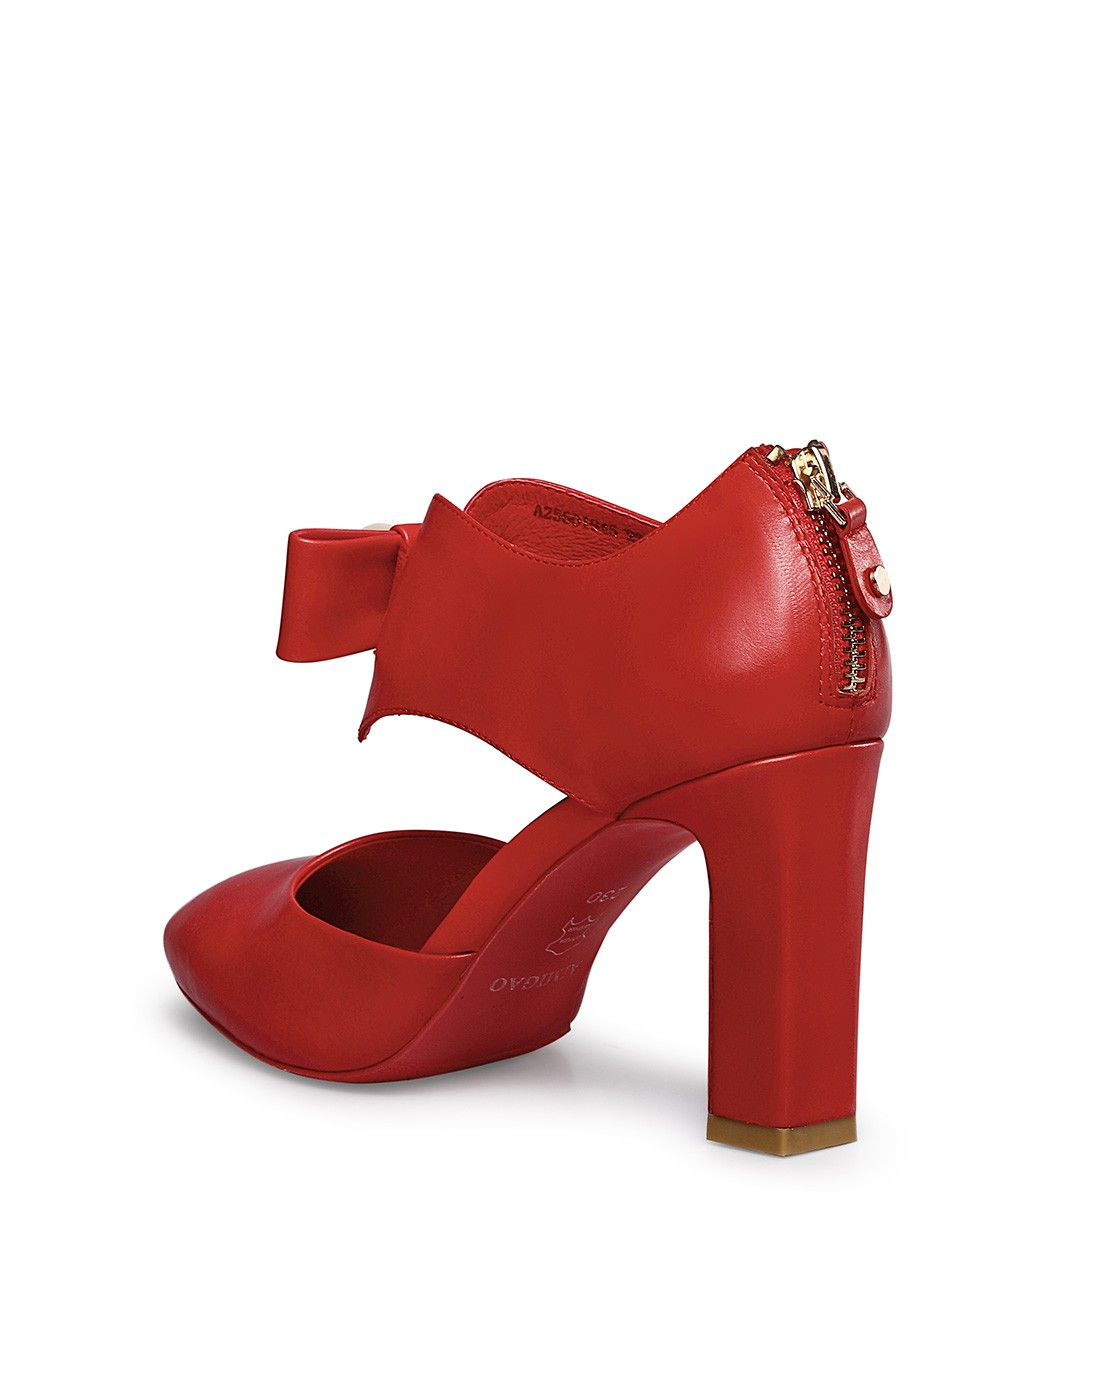 2015春夏新品大红色胎牛皮凉鞋